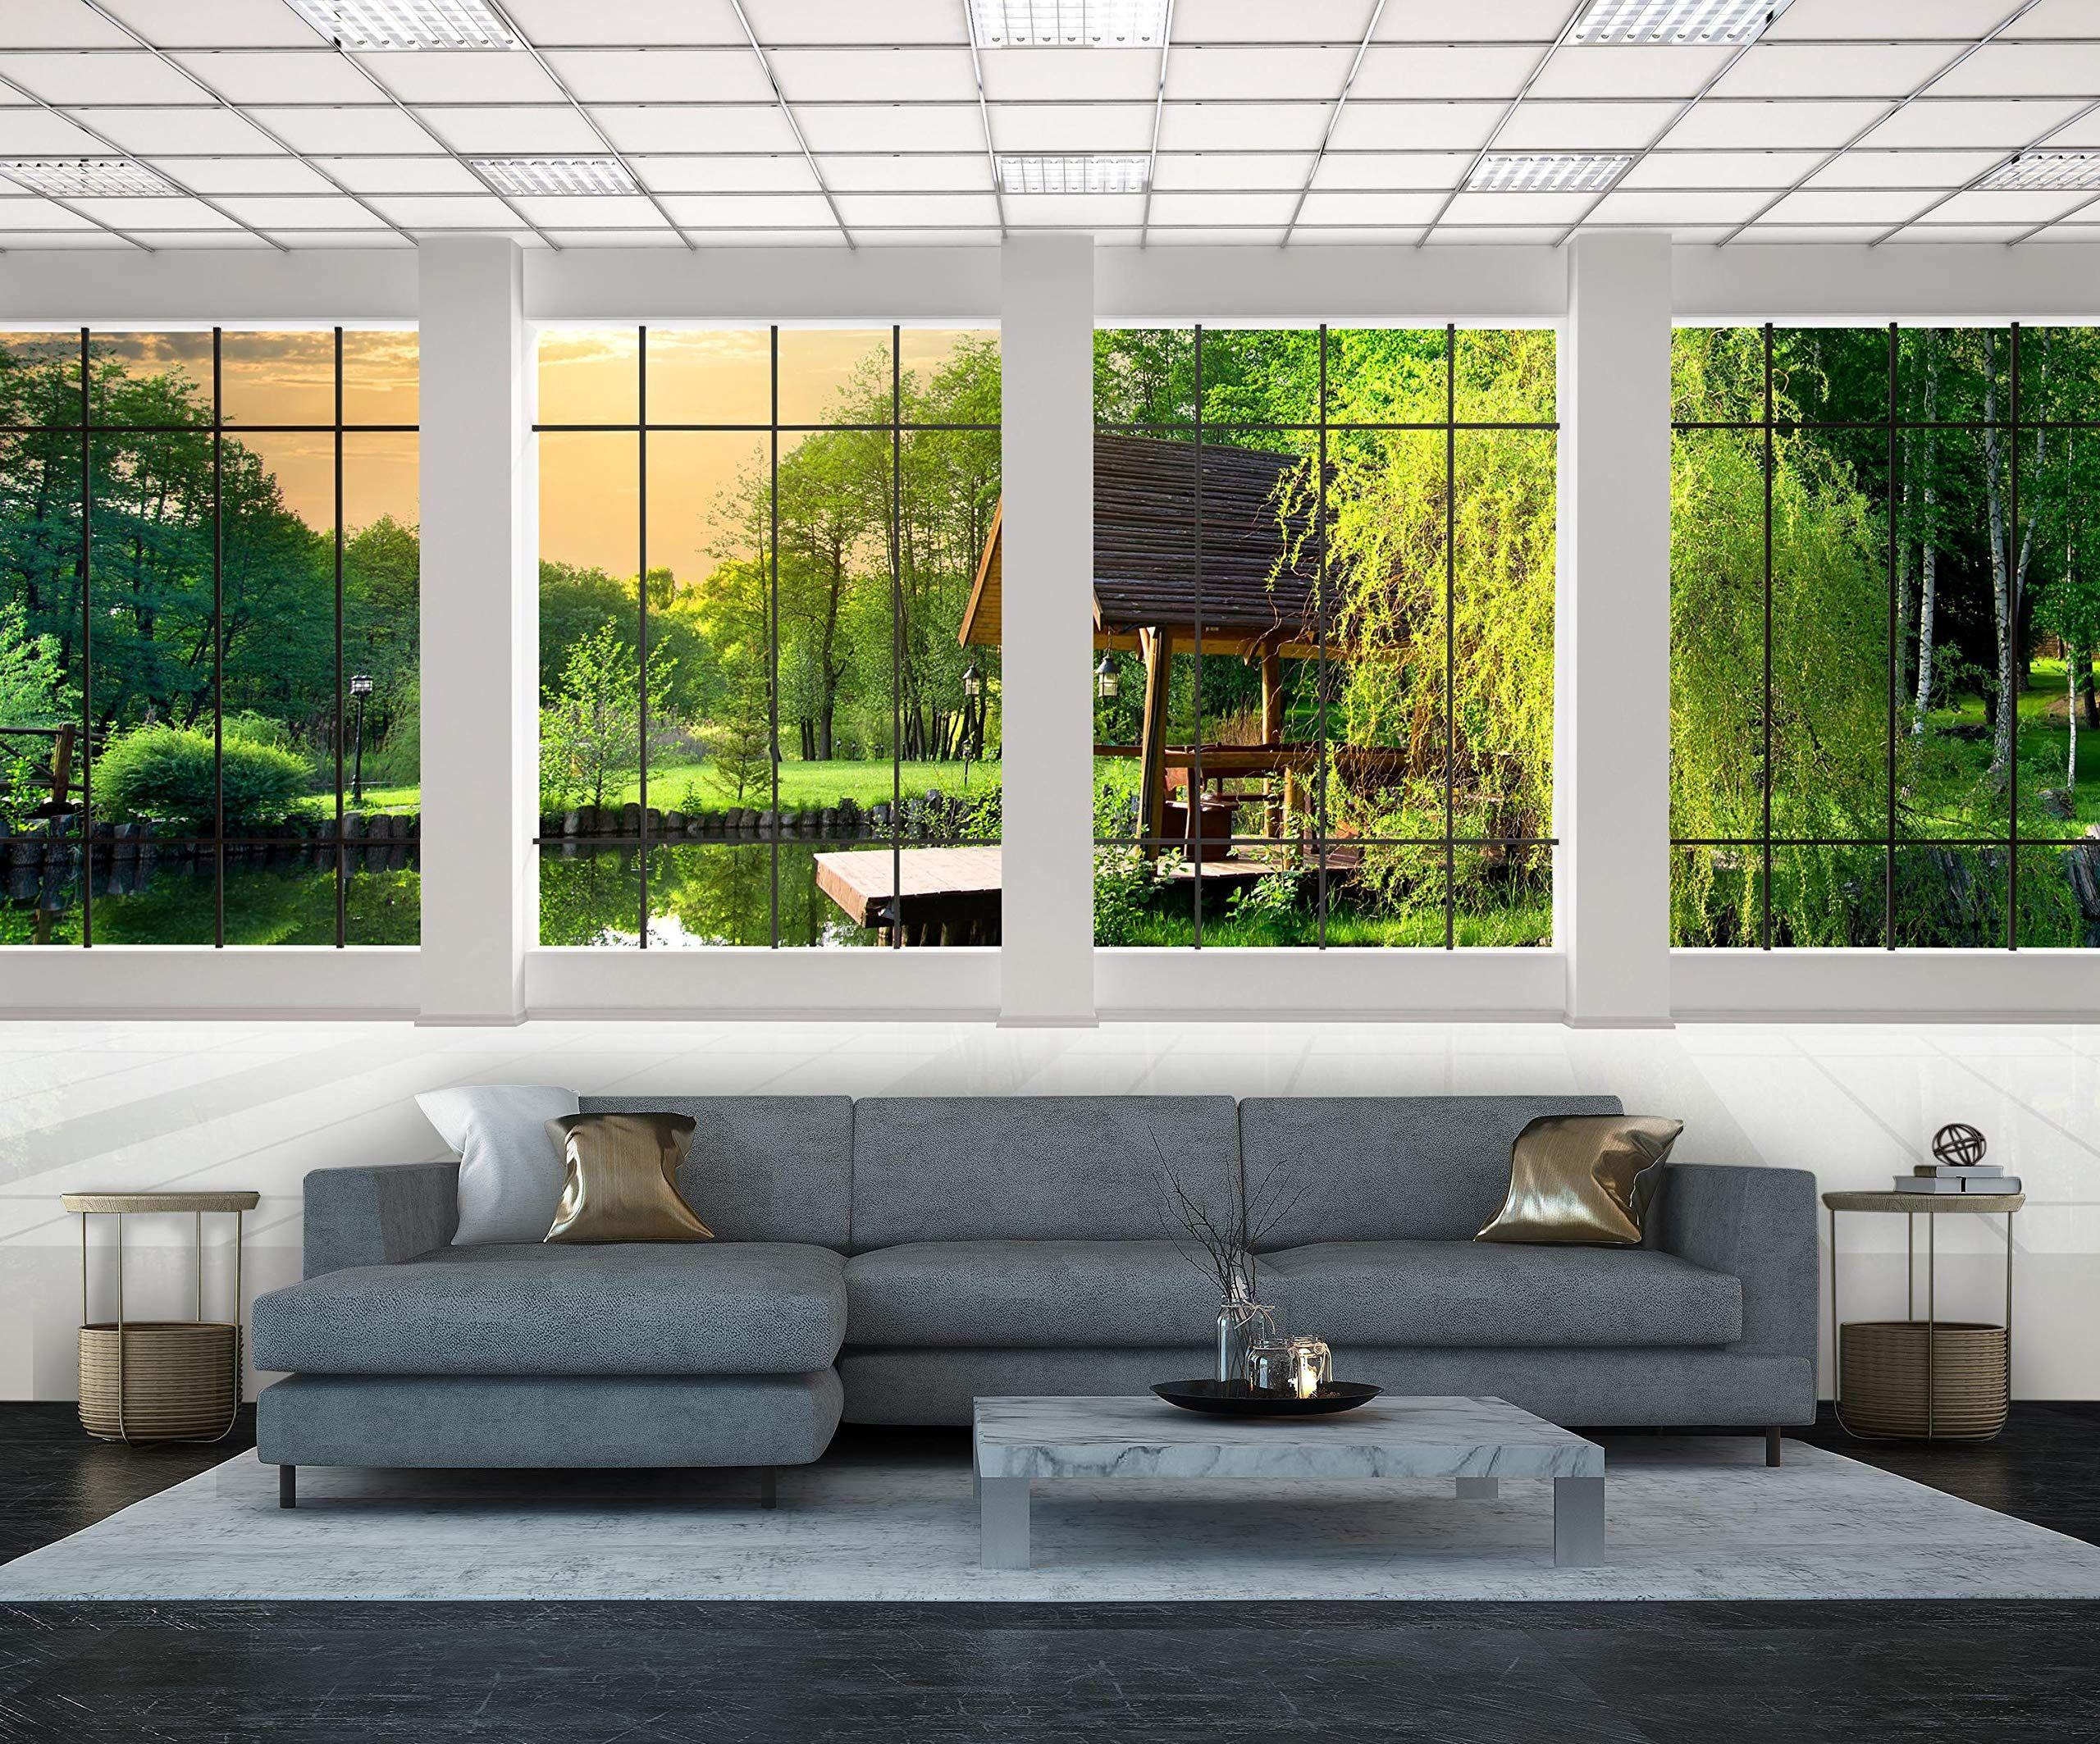 Wandmotiv24 Fototapete Fenster Fensterblick 3d Xxl 400 X 280 Cm 8 Teile Fototapeten Wandbild Motivtapeten V In 2020 Fototapete Fenster Fototapete Wohnzimmer Boden